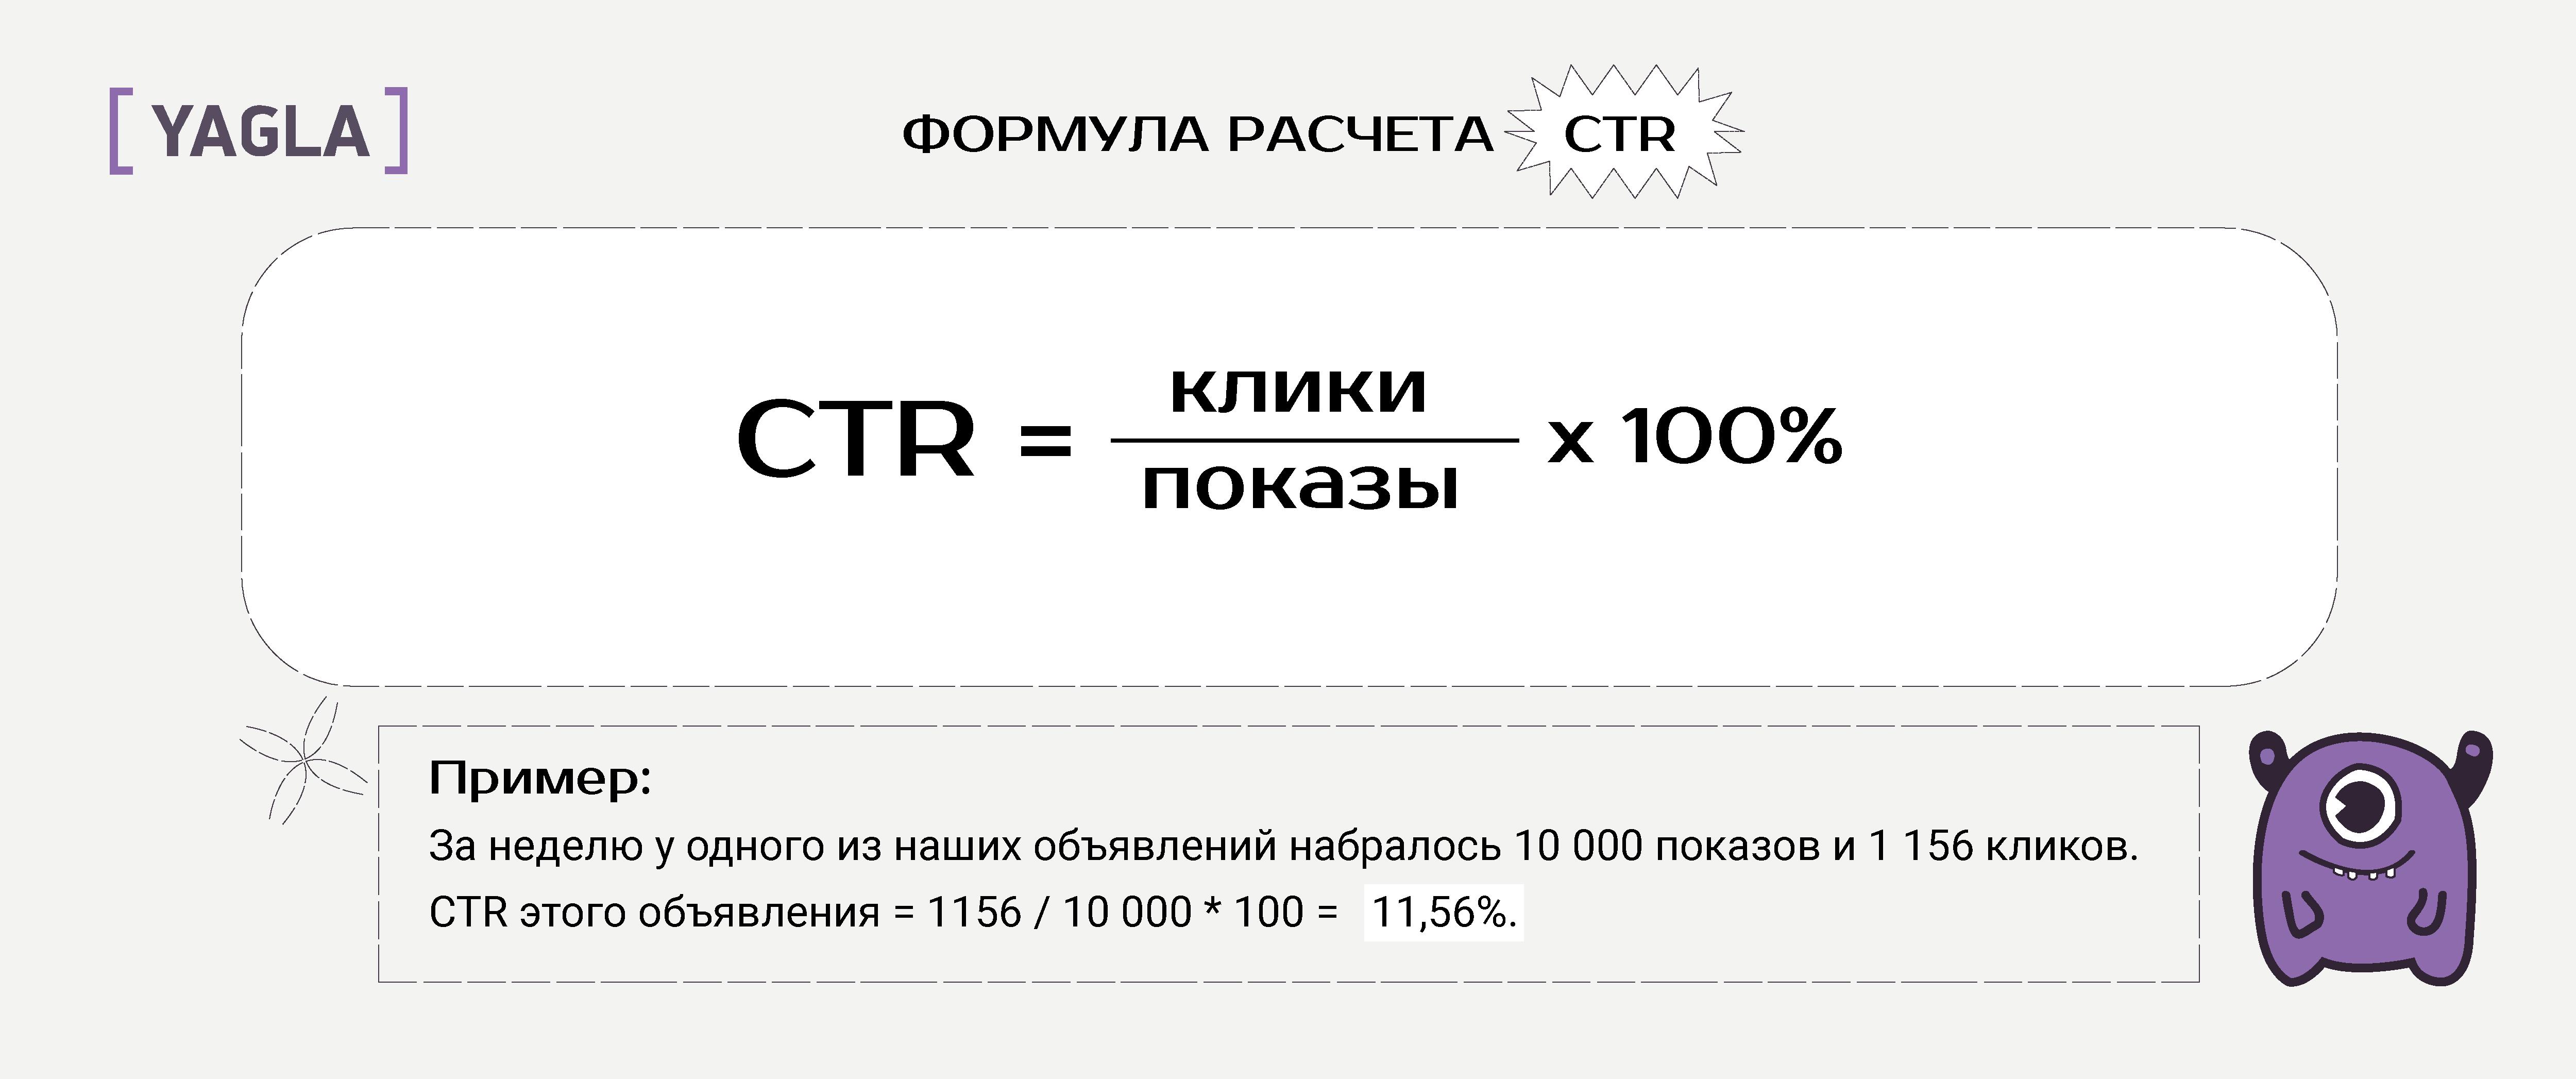 как рассчитать CTR